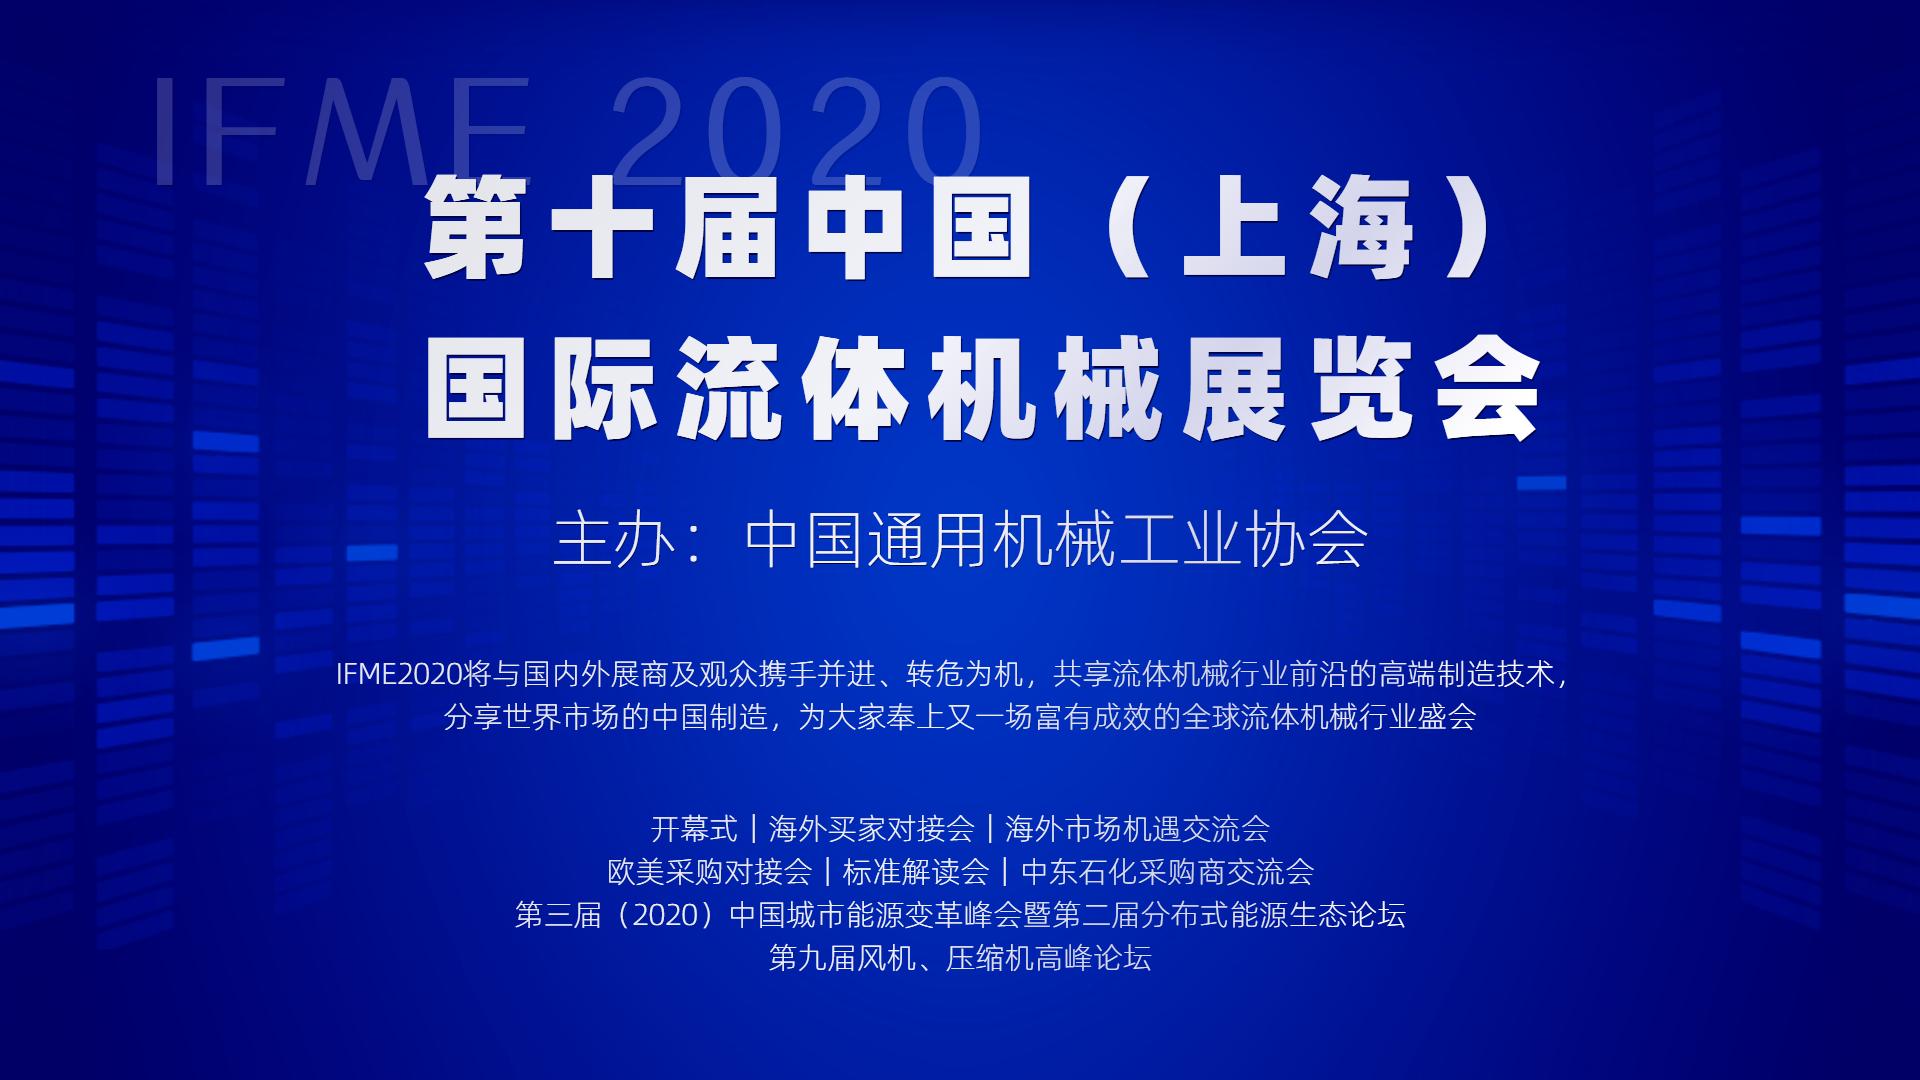 直播预告:第十届中国(上海)国际流体机械展览会12月9日开幕